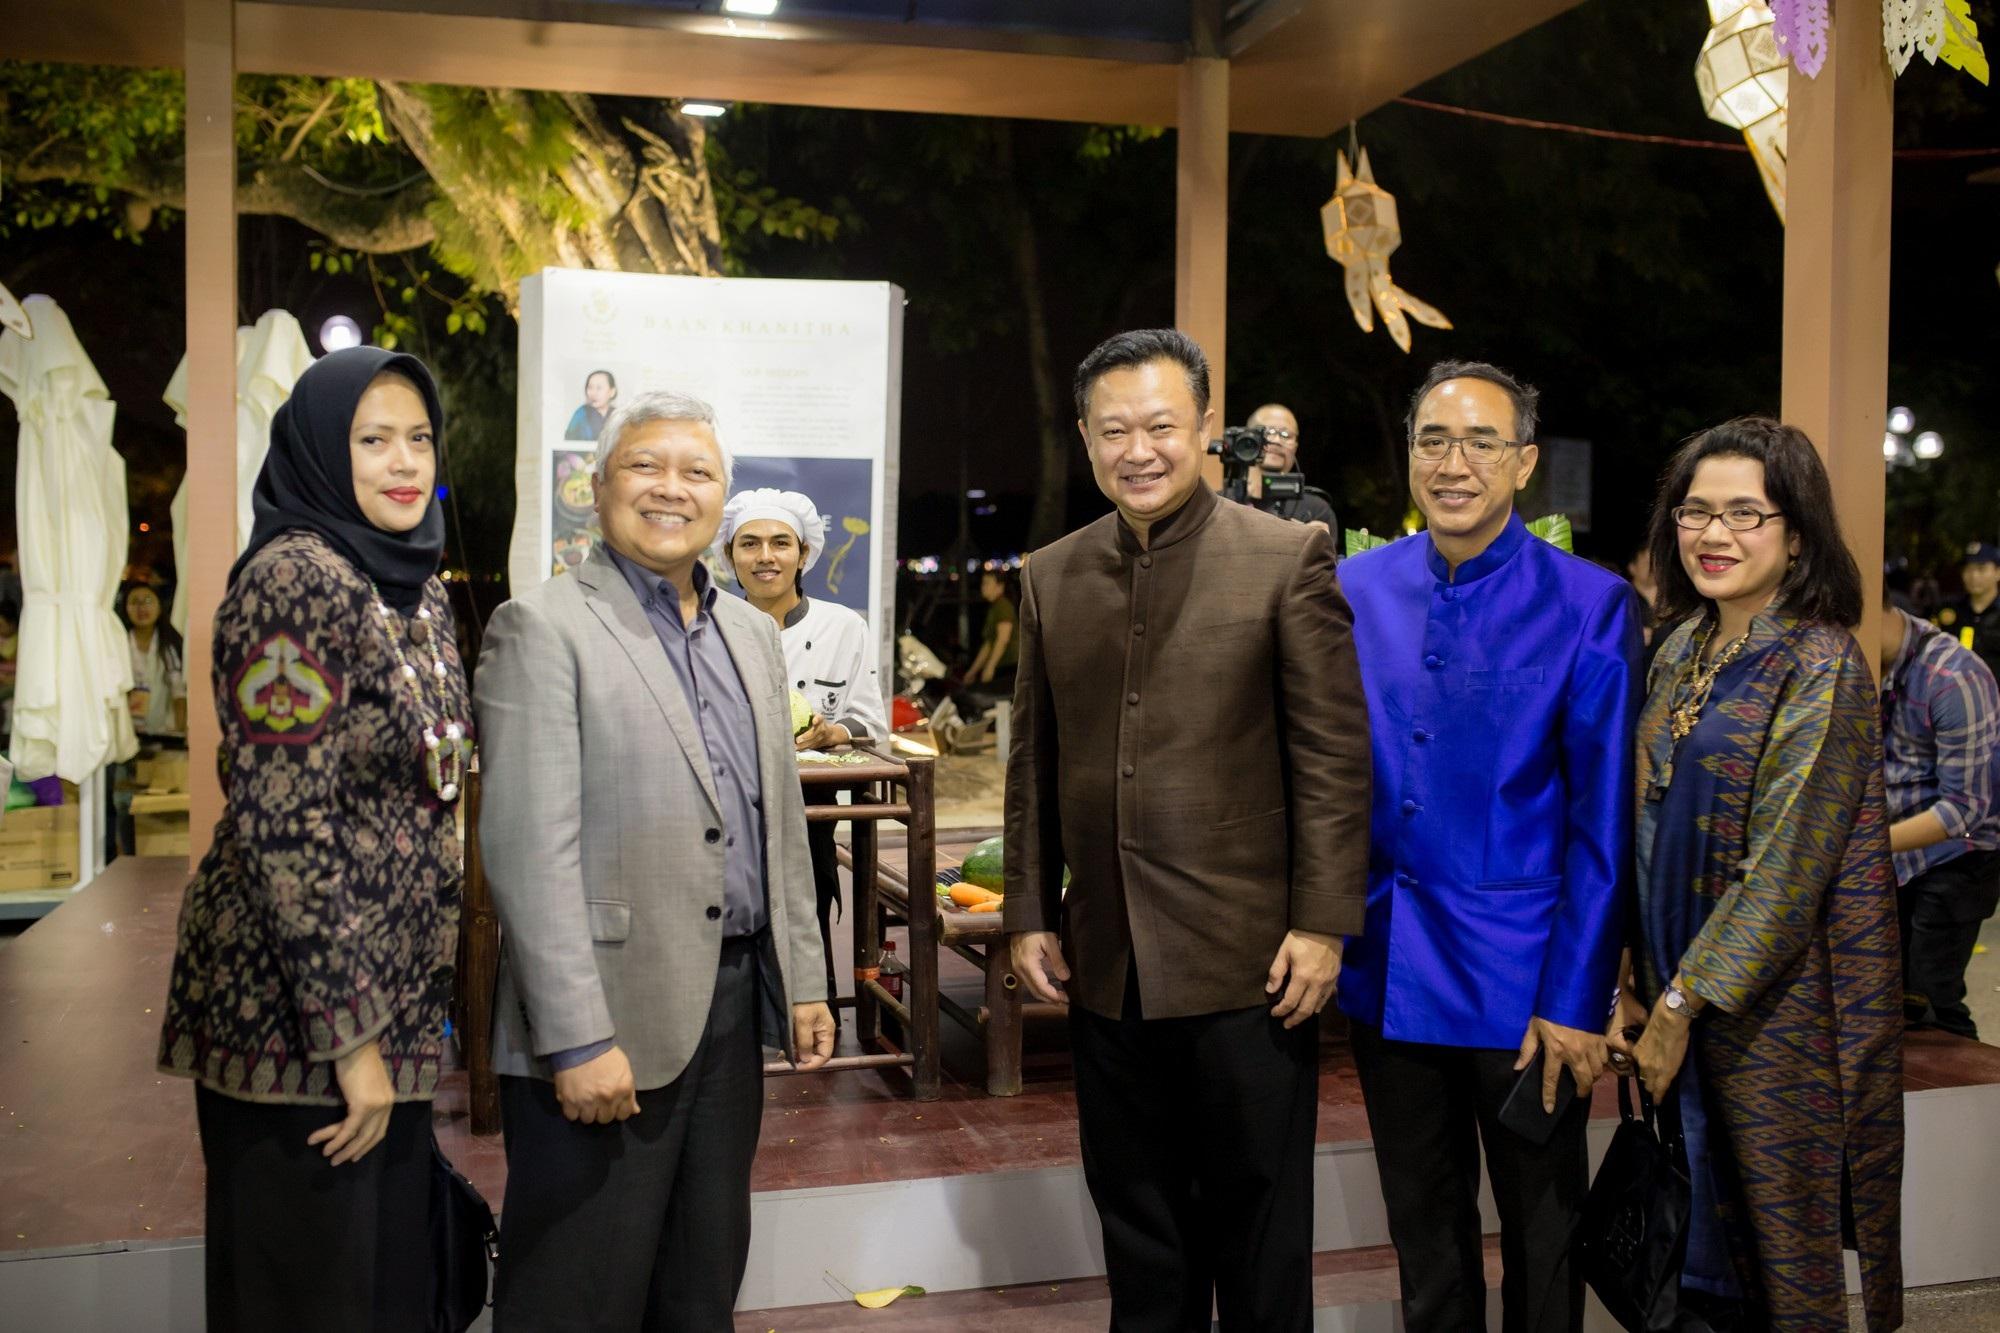 Thái Lan đẩy mạnh quảng bá du lịch, chào đón du khách Việt Nam thứ 1 triệu - Ảnh 4.